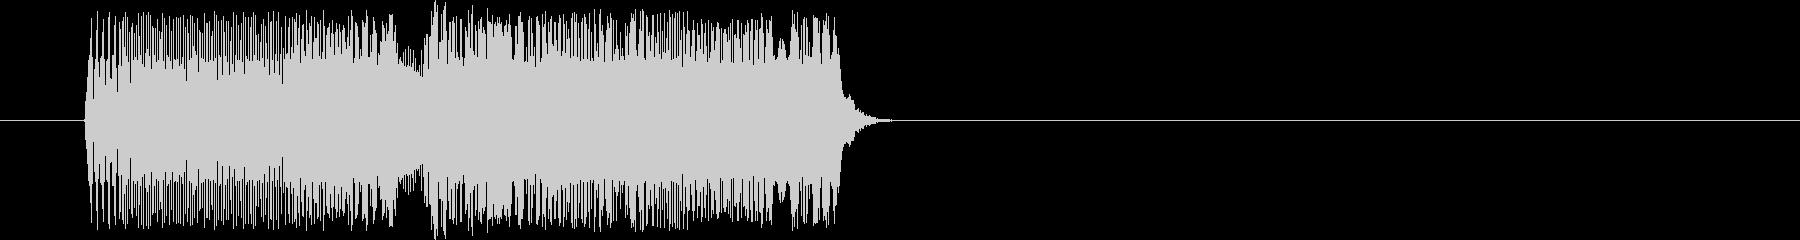 昭和アニメ系 ポチッとボタンを押す01の未再生の波形